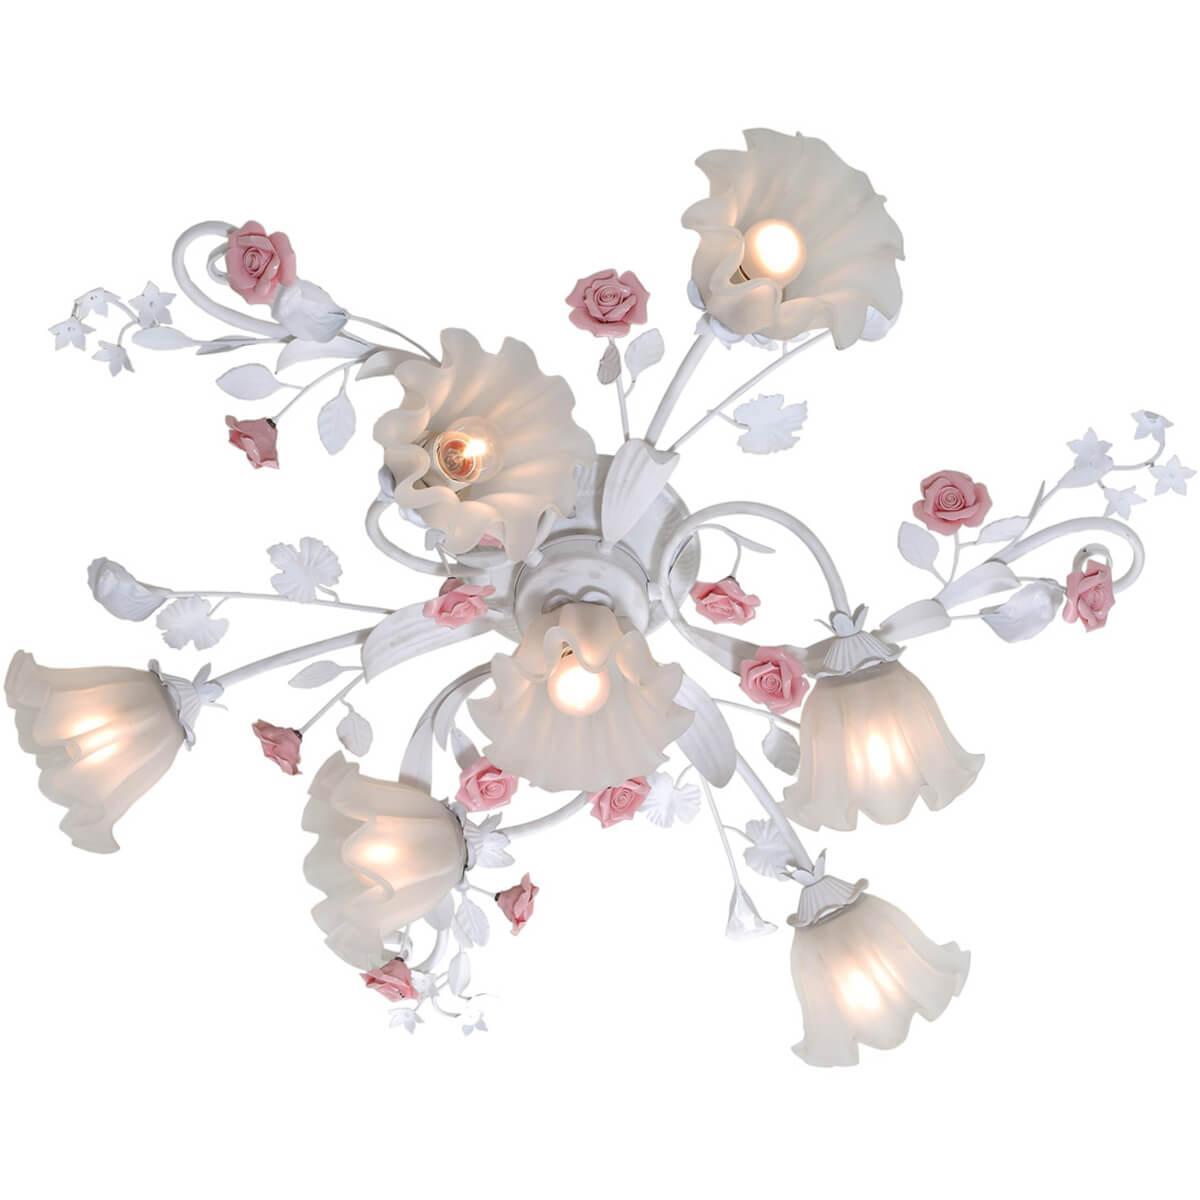 Люстра Lucia Tucci Fiori Di Rose 109.6.1 потолочная